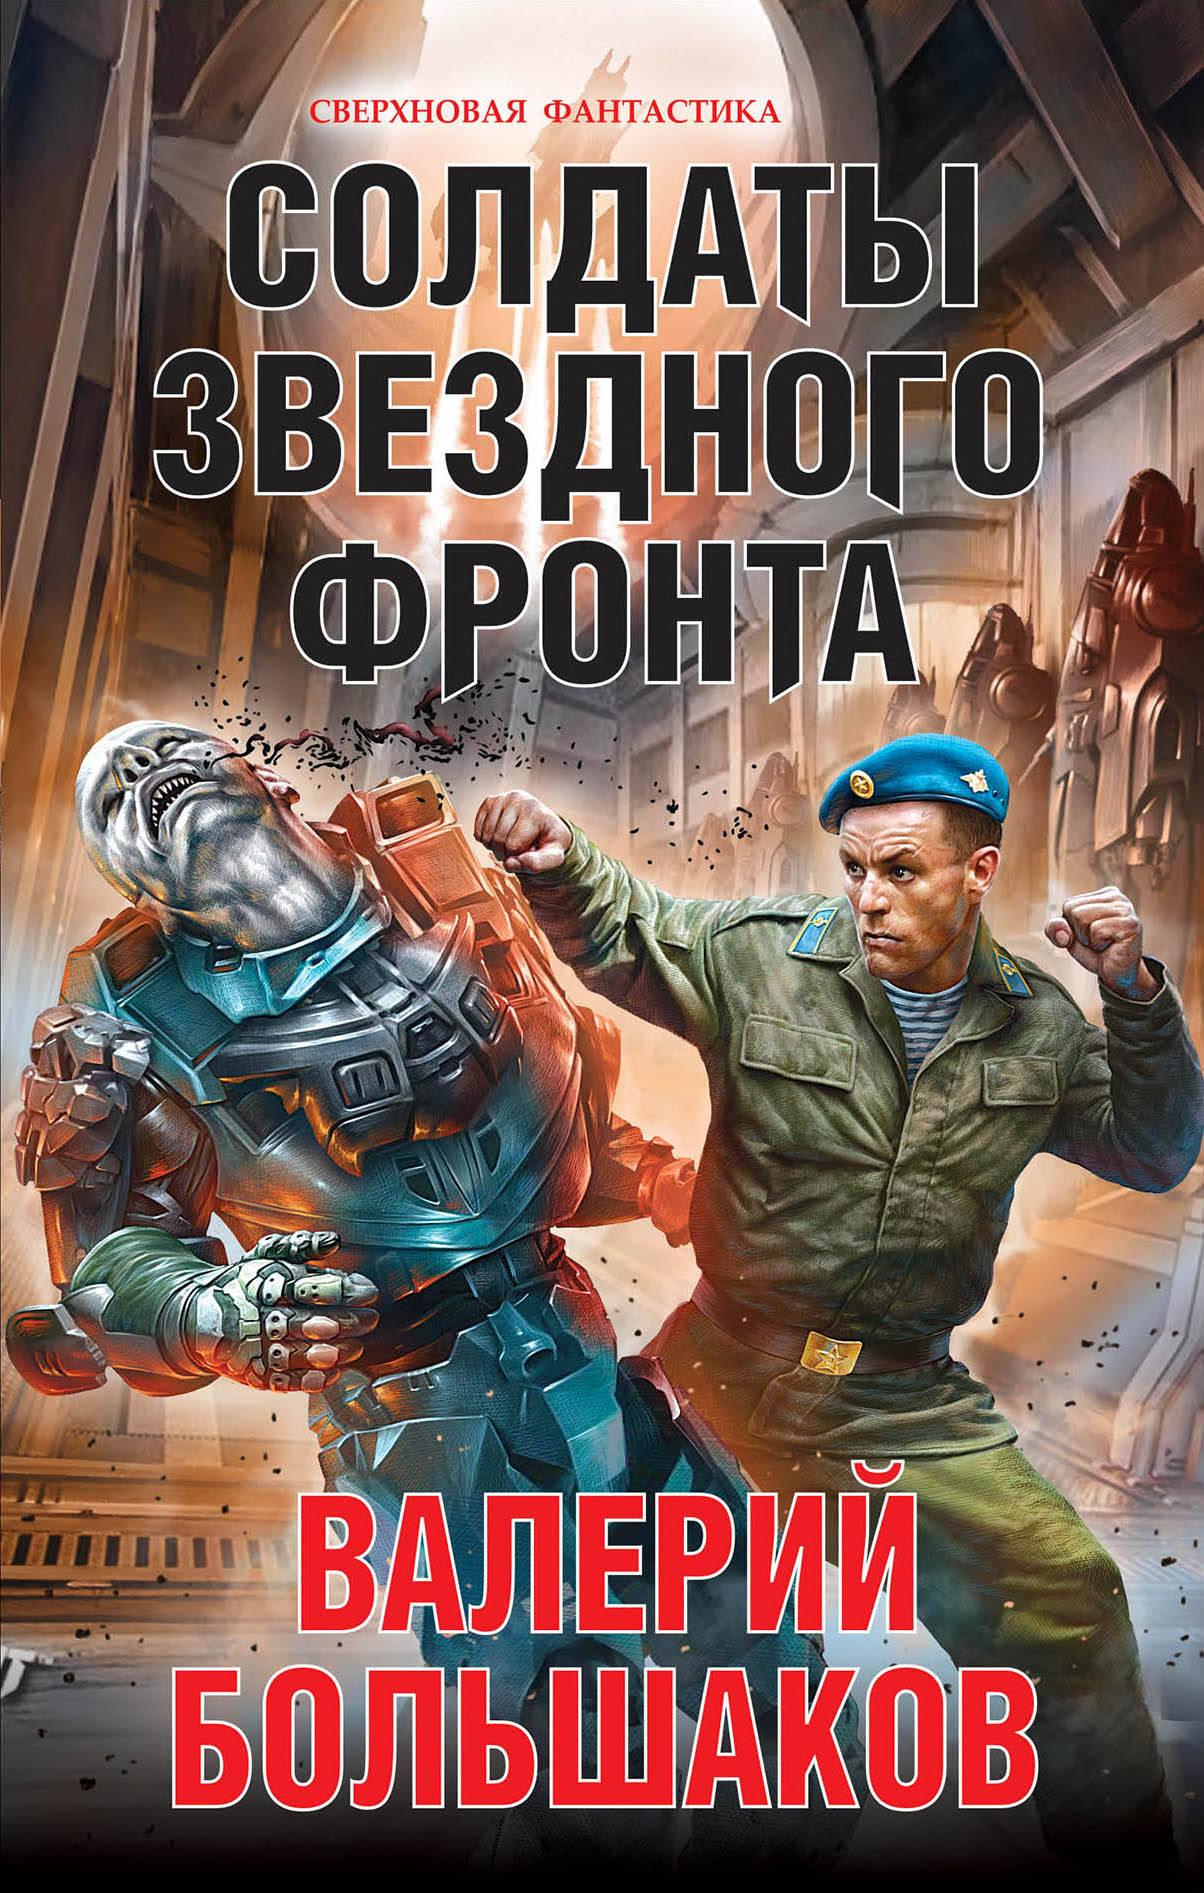 Валерий Большаков Солдаты звездного фронта